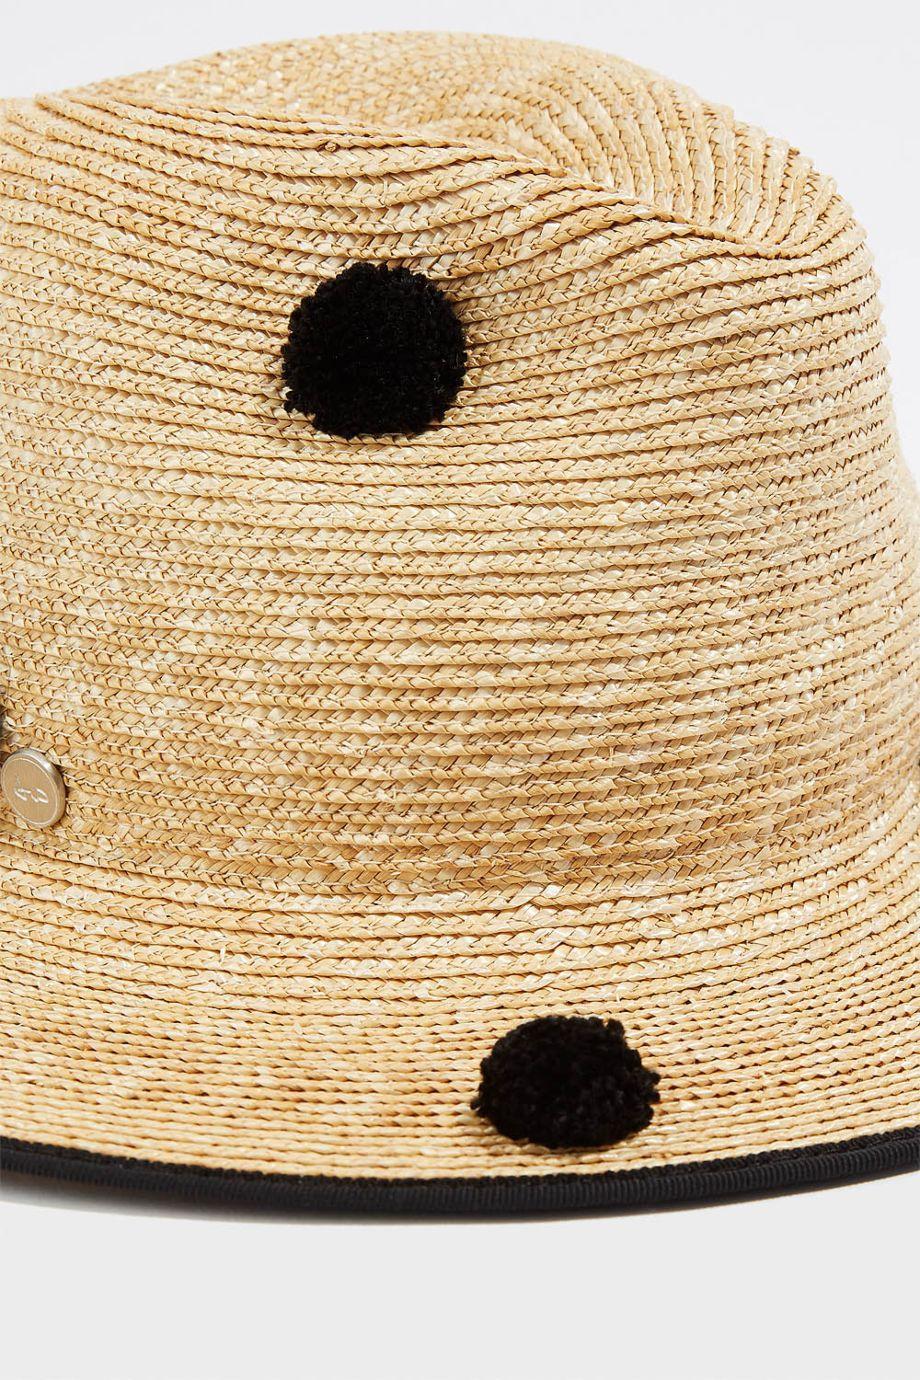 Tracy Watts Tenerife Pompom-Embellished Straw Fedora In Sand ... 951663cb15b